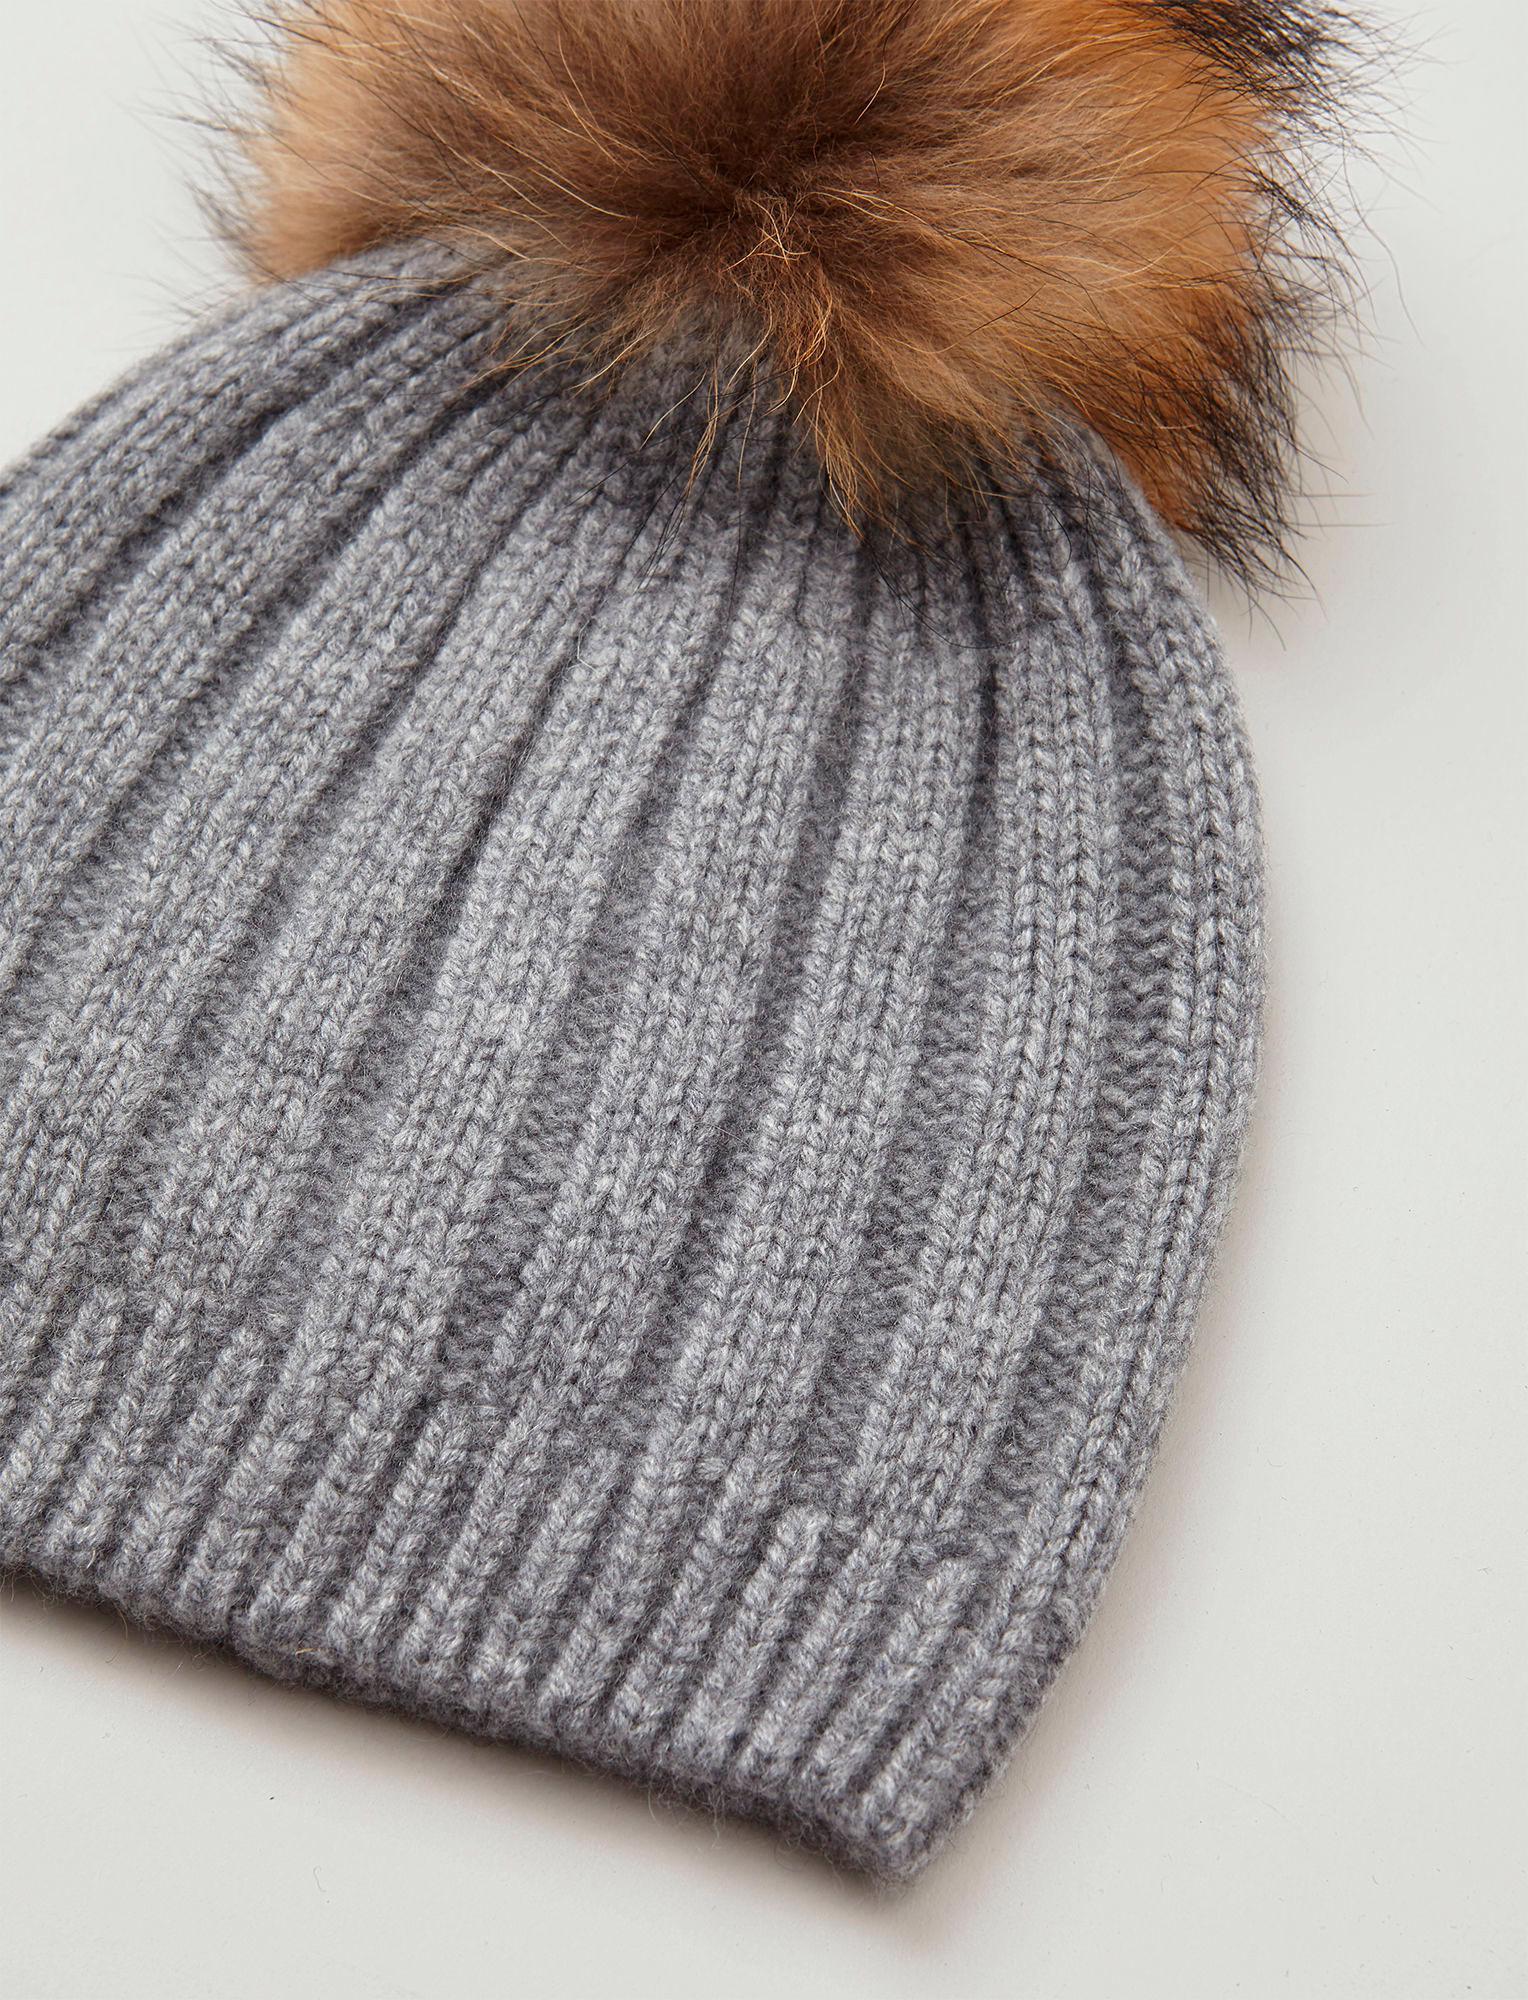 48d5d080268 JOSEPH Cashmere Luxe Pompon Hat - Lyst